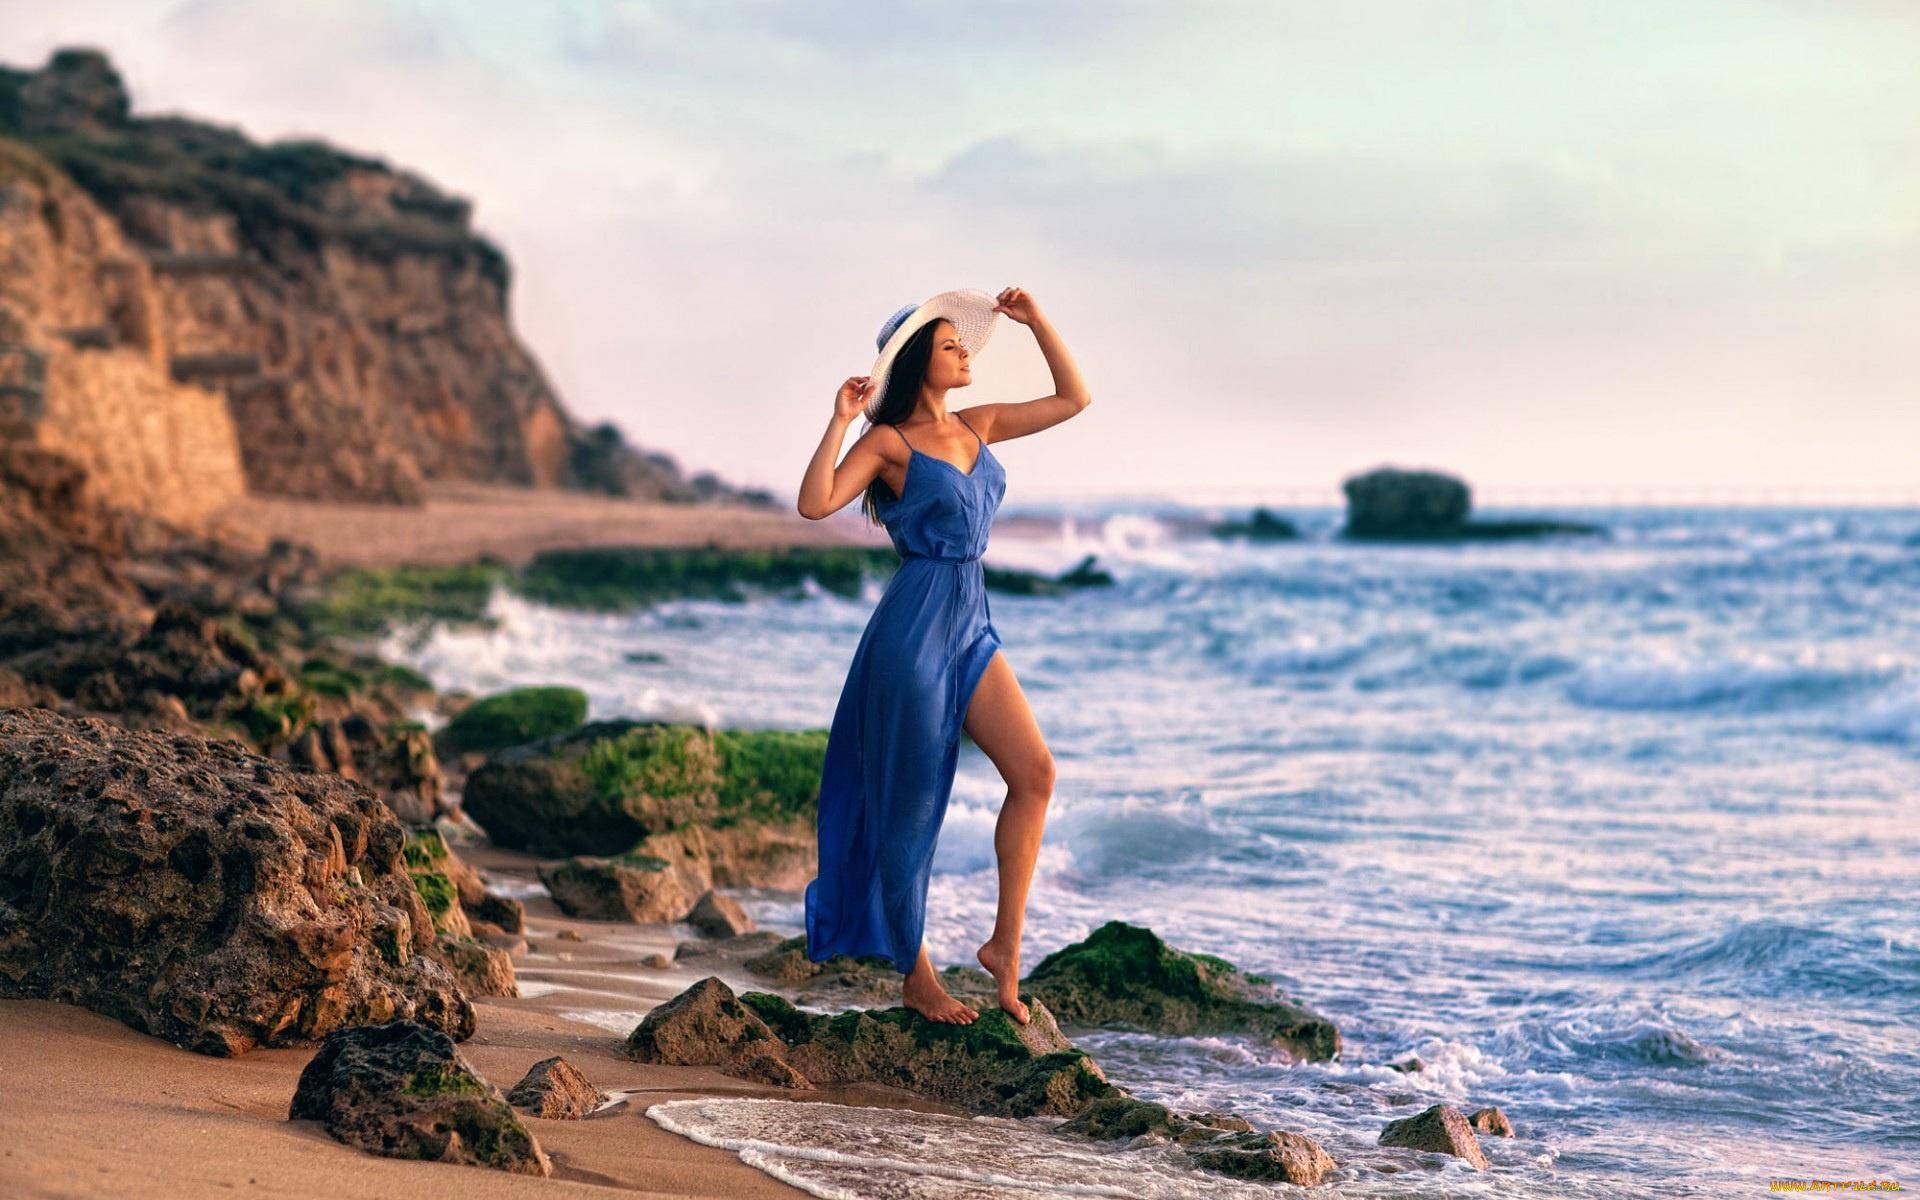 Красивыми букетами, картинки девушек на море в платье